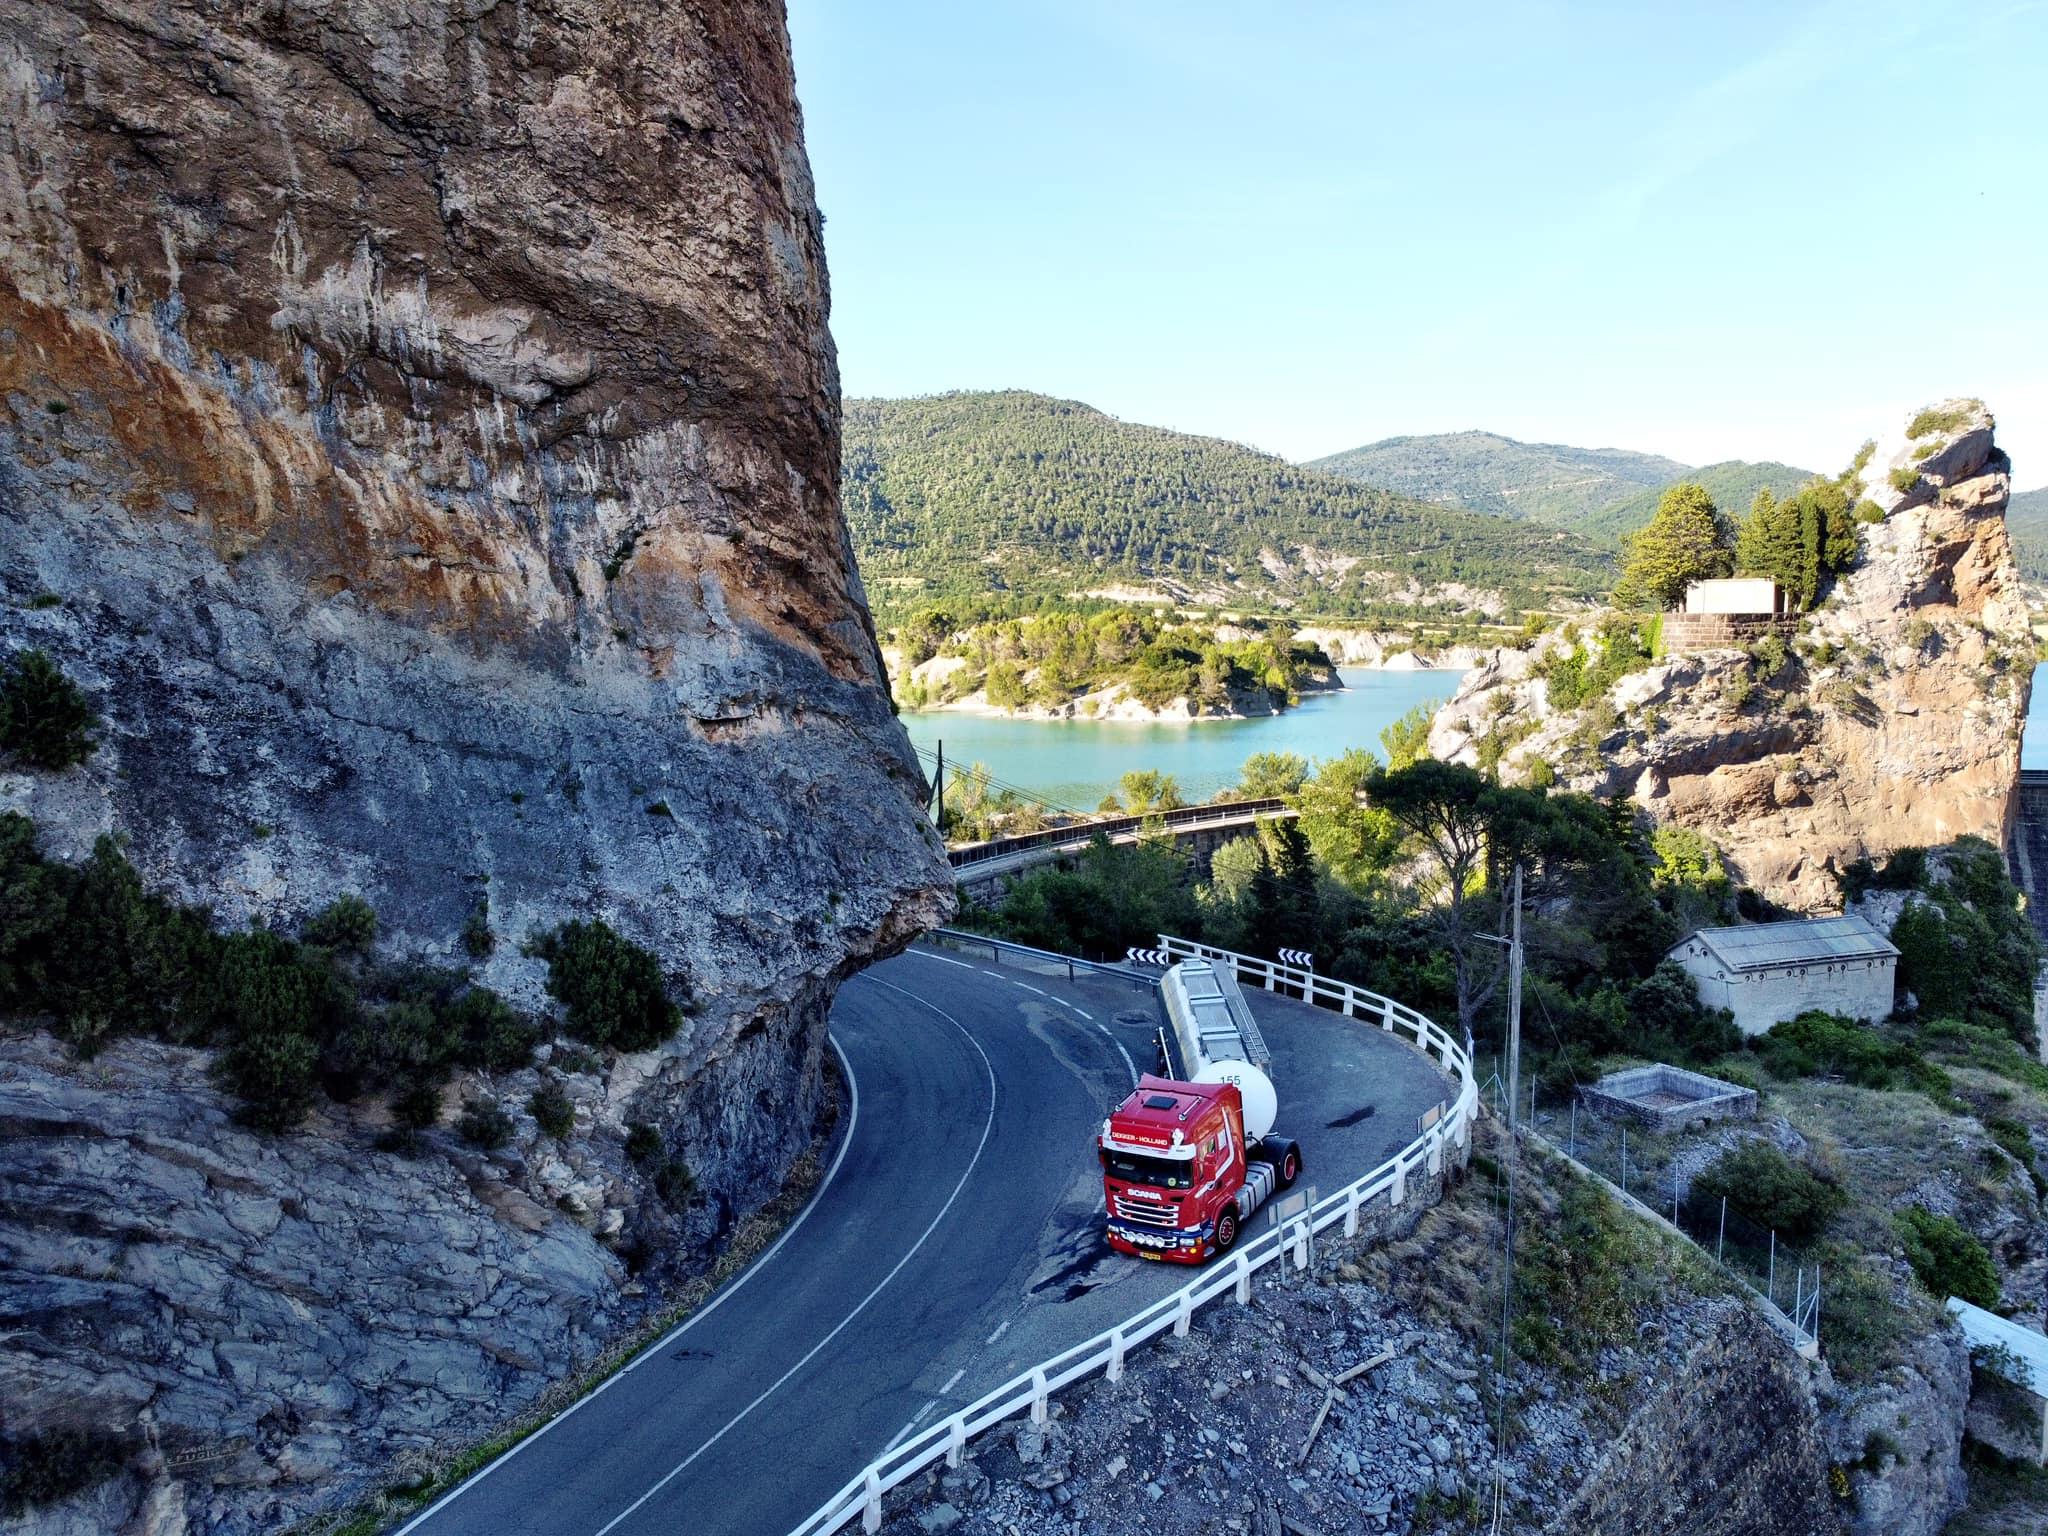 Polssie-Krimpuh-Weer-eens-reisje-Spanje